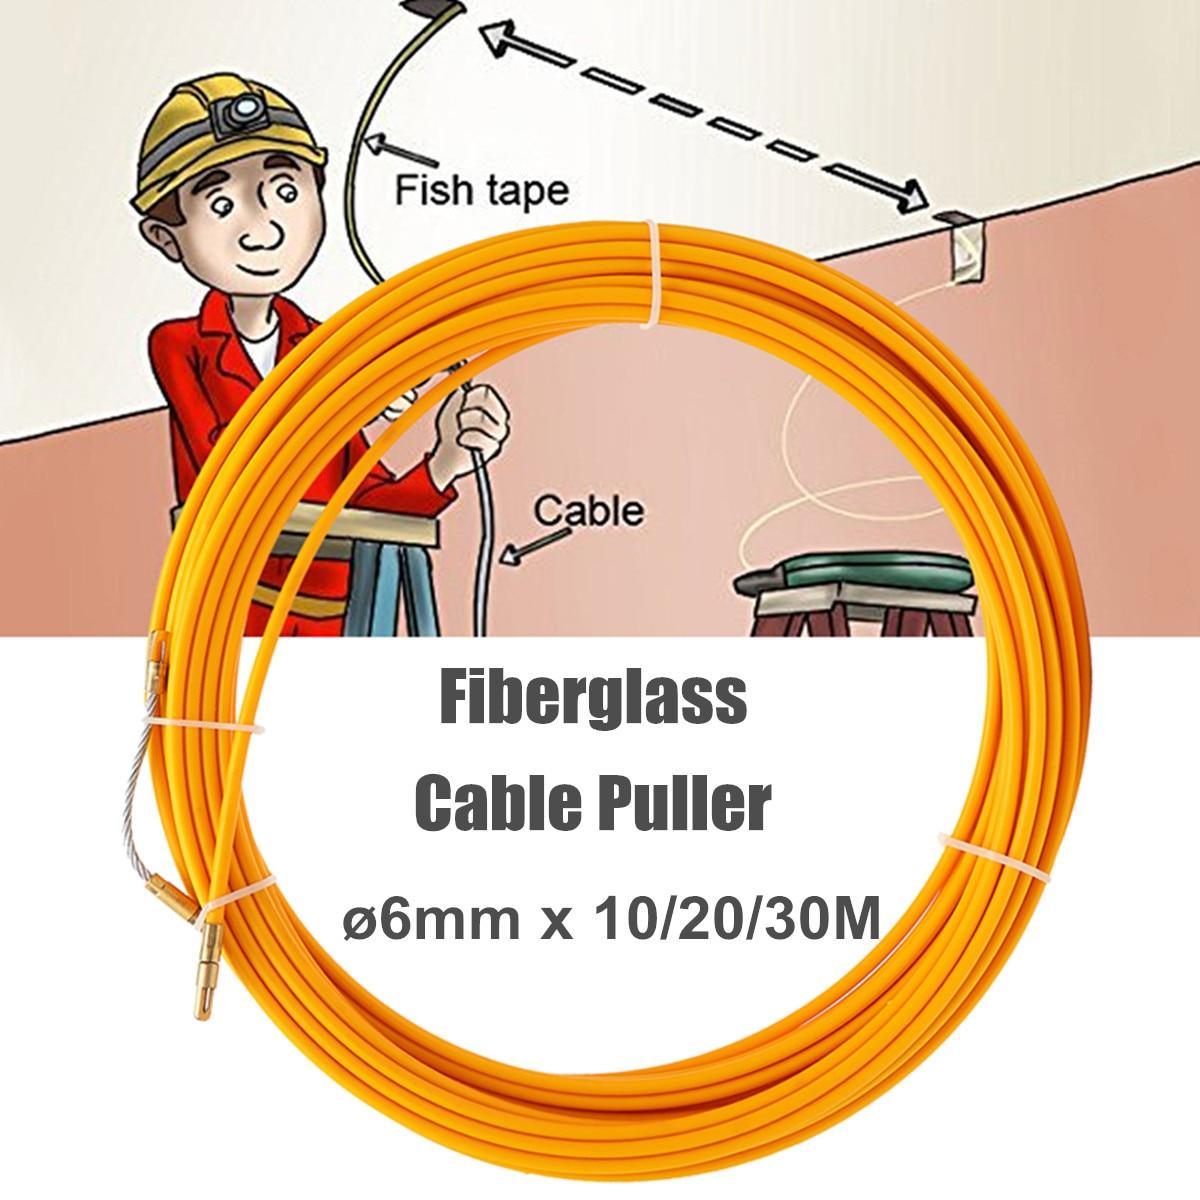 6 мм направляющее устройство из стекловолокна Электрический кабель Push Pullers катушка воздуховод змея роддер Рыбная лента инструмент для наре...